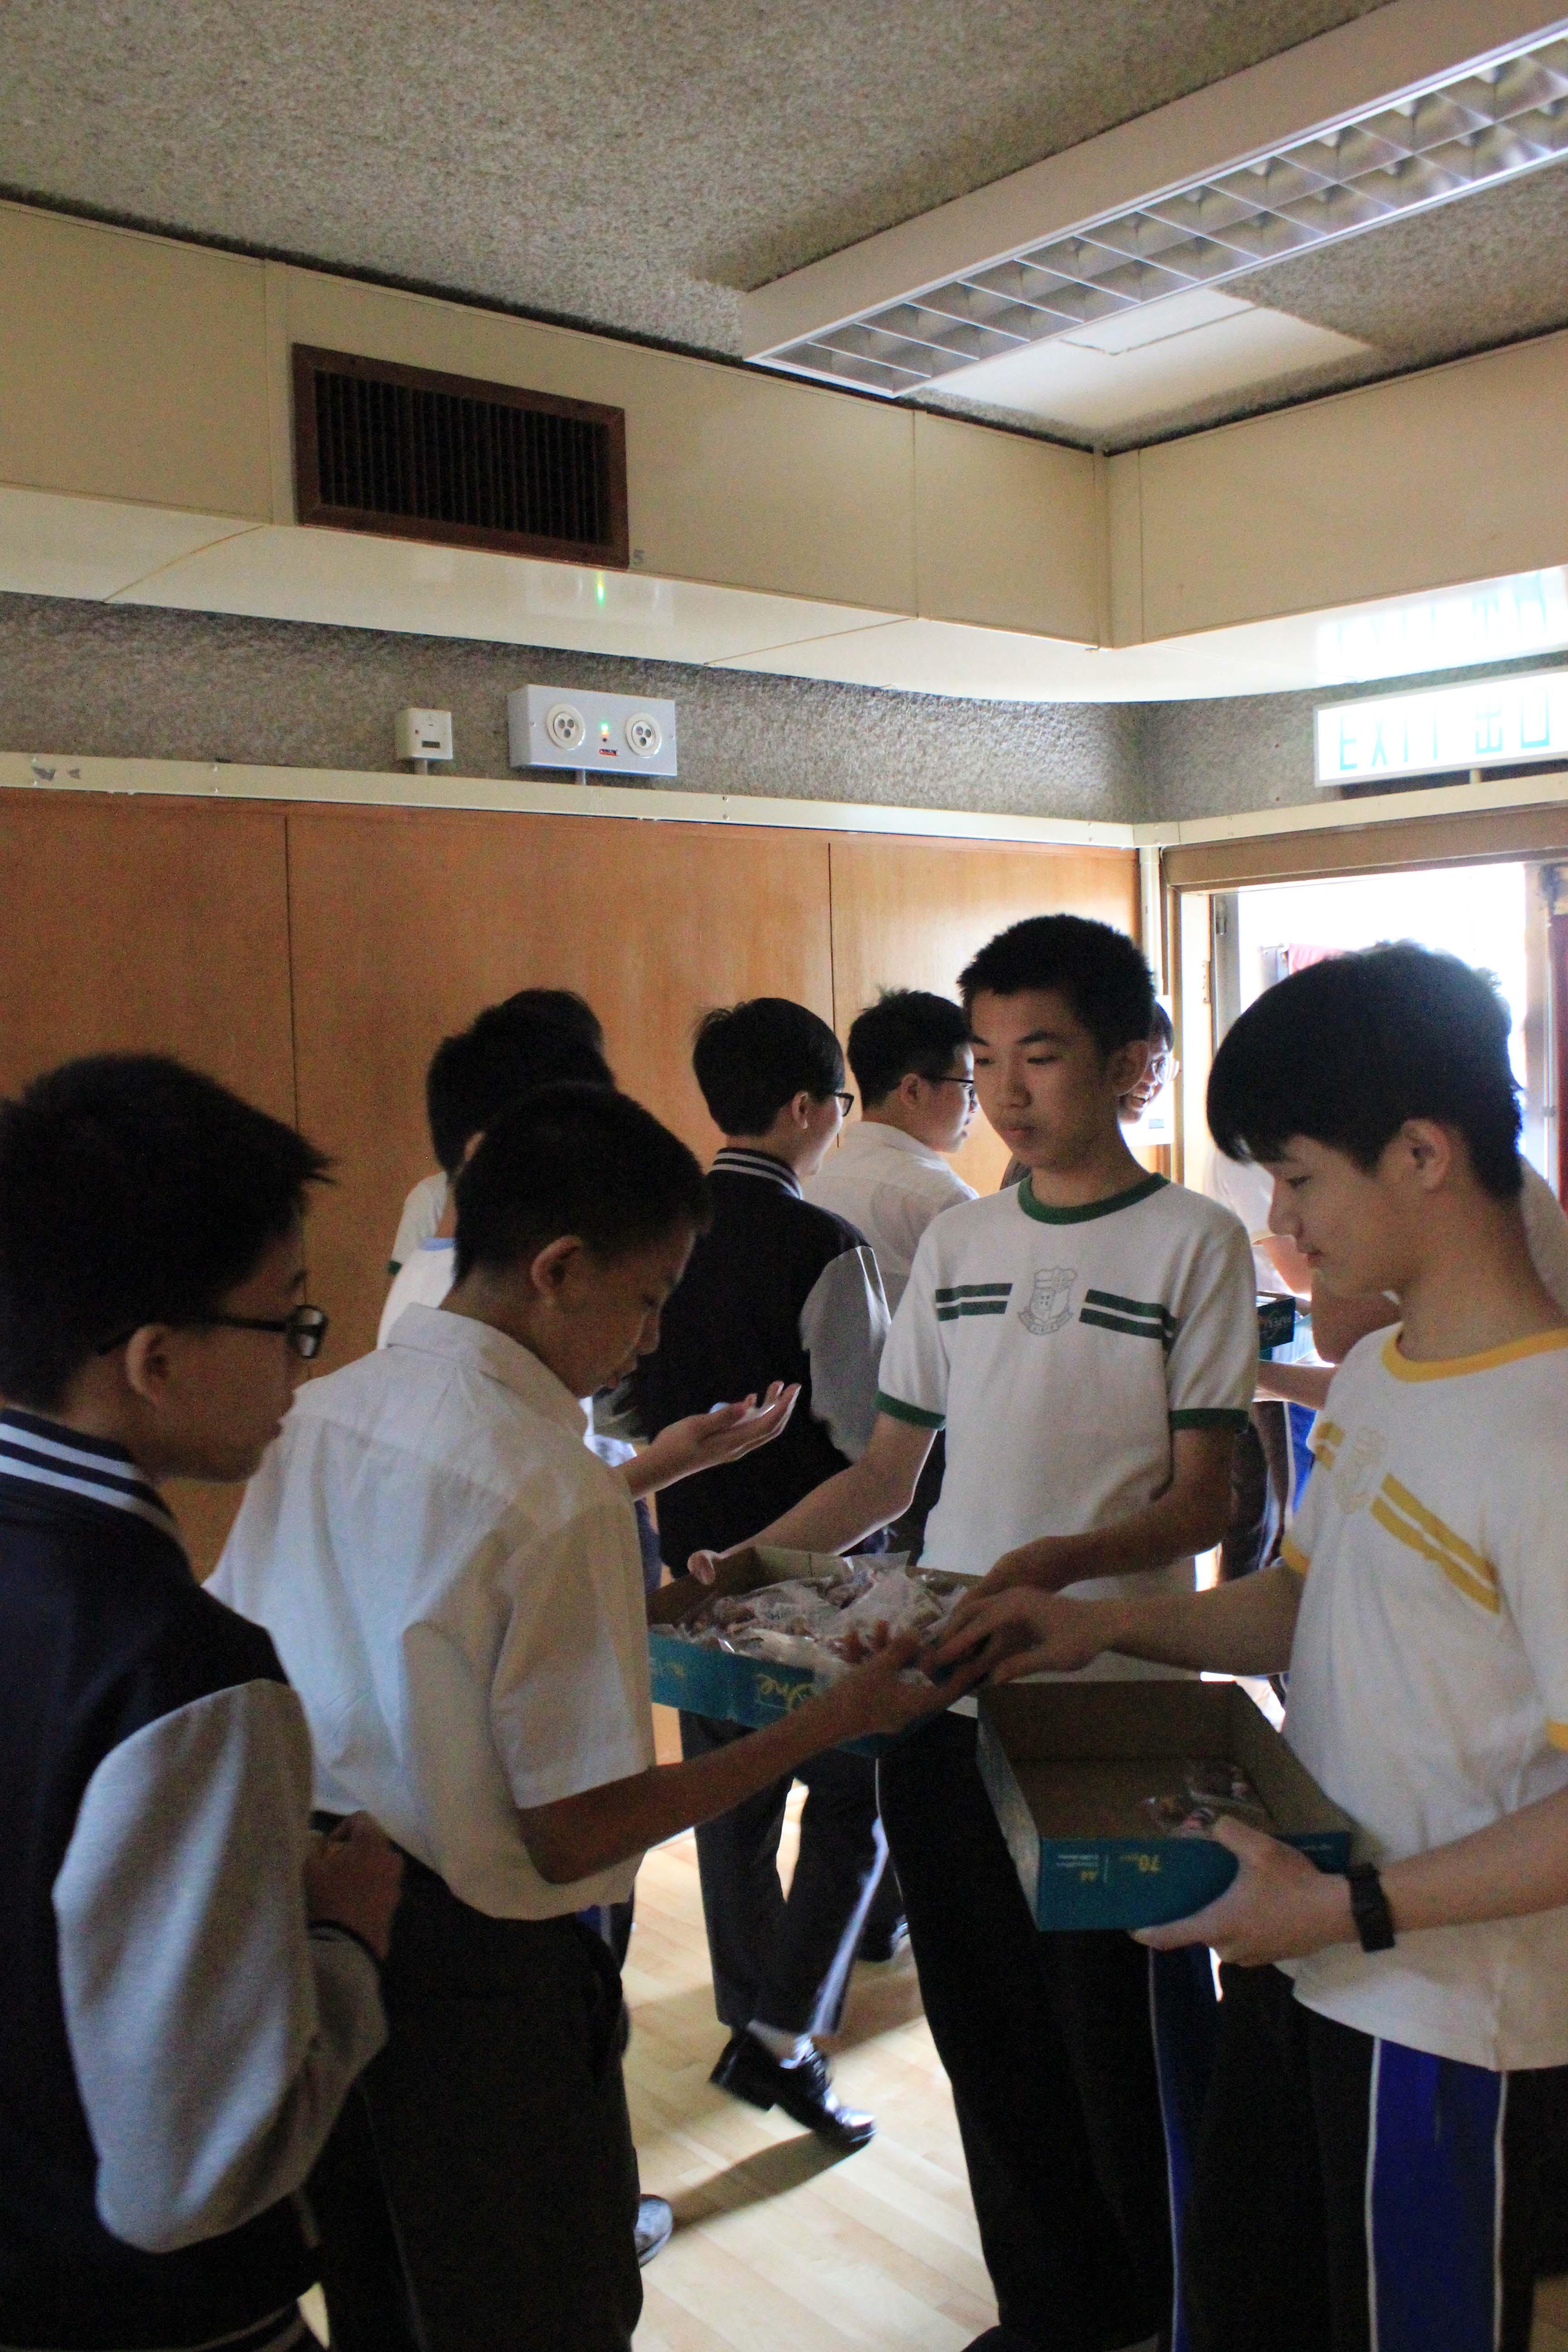 天主教慈幼會伍少梅中學的「中巴經濟走廊」高峰會活動相片12